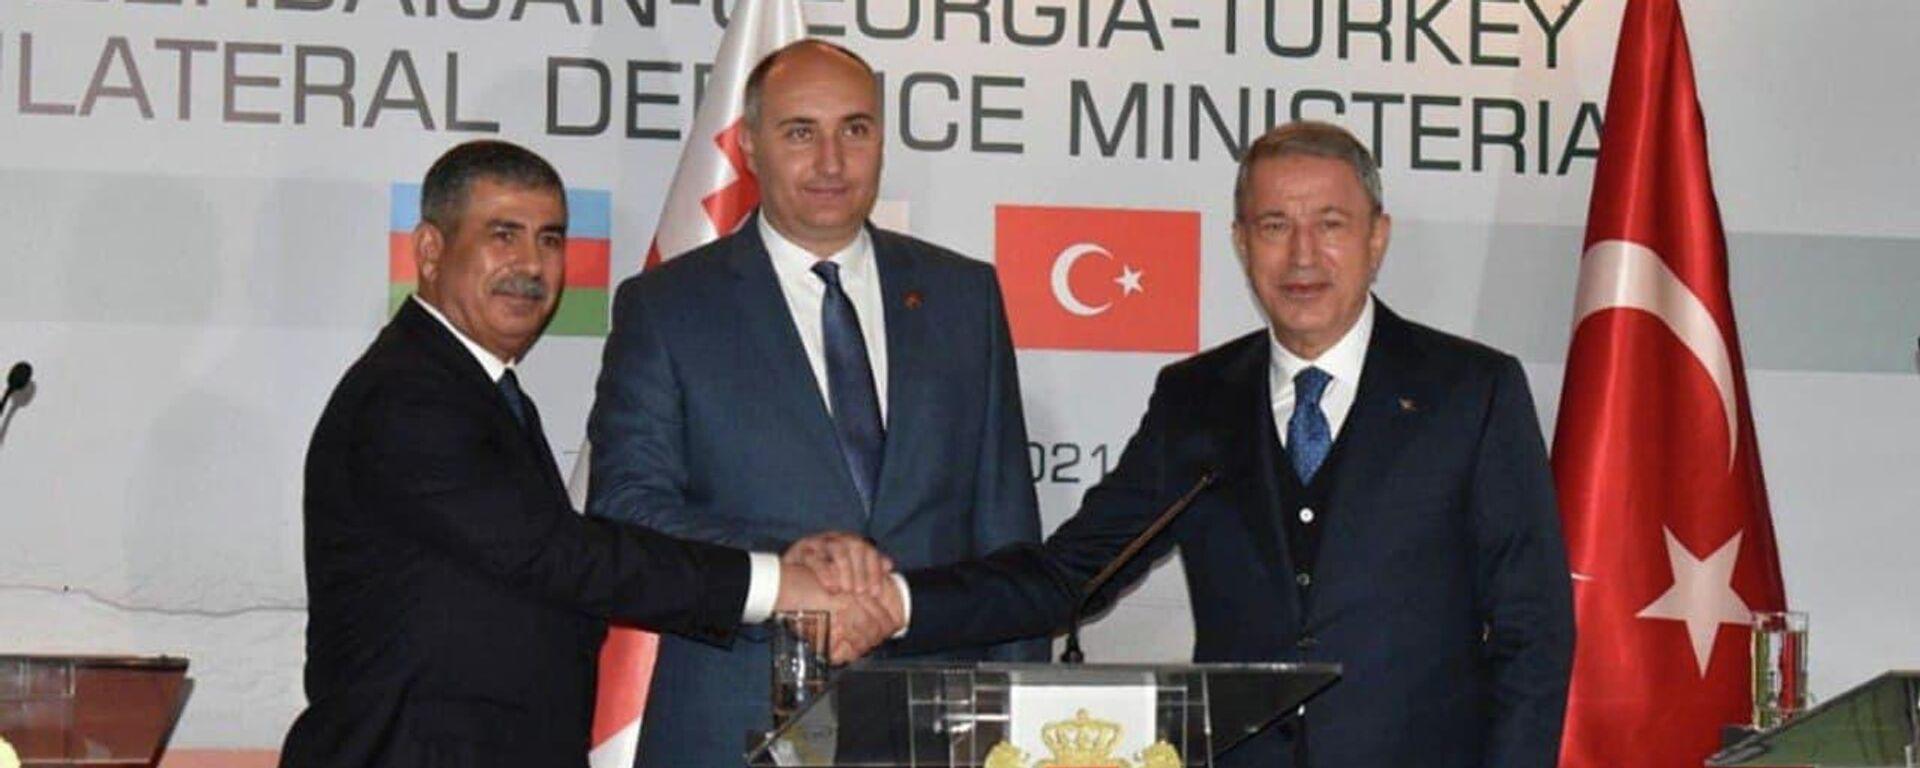 საქართველო–აზერბაიჯანი–თურქეთის სამმხრივი მინისტერიალი - Sputnik საქართველო, 1920, 06.10.2021